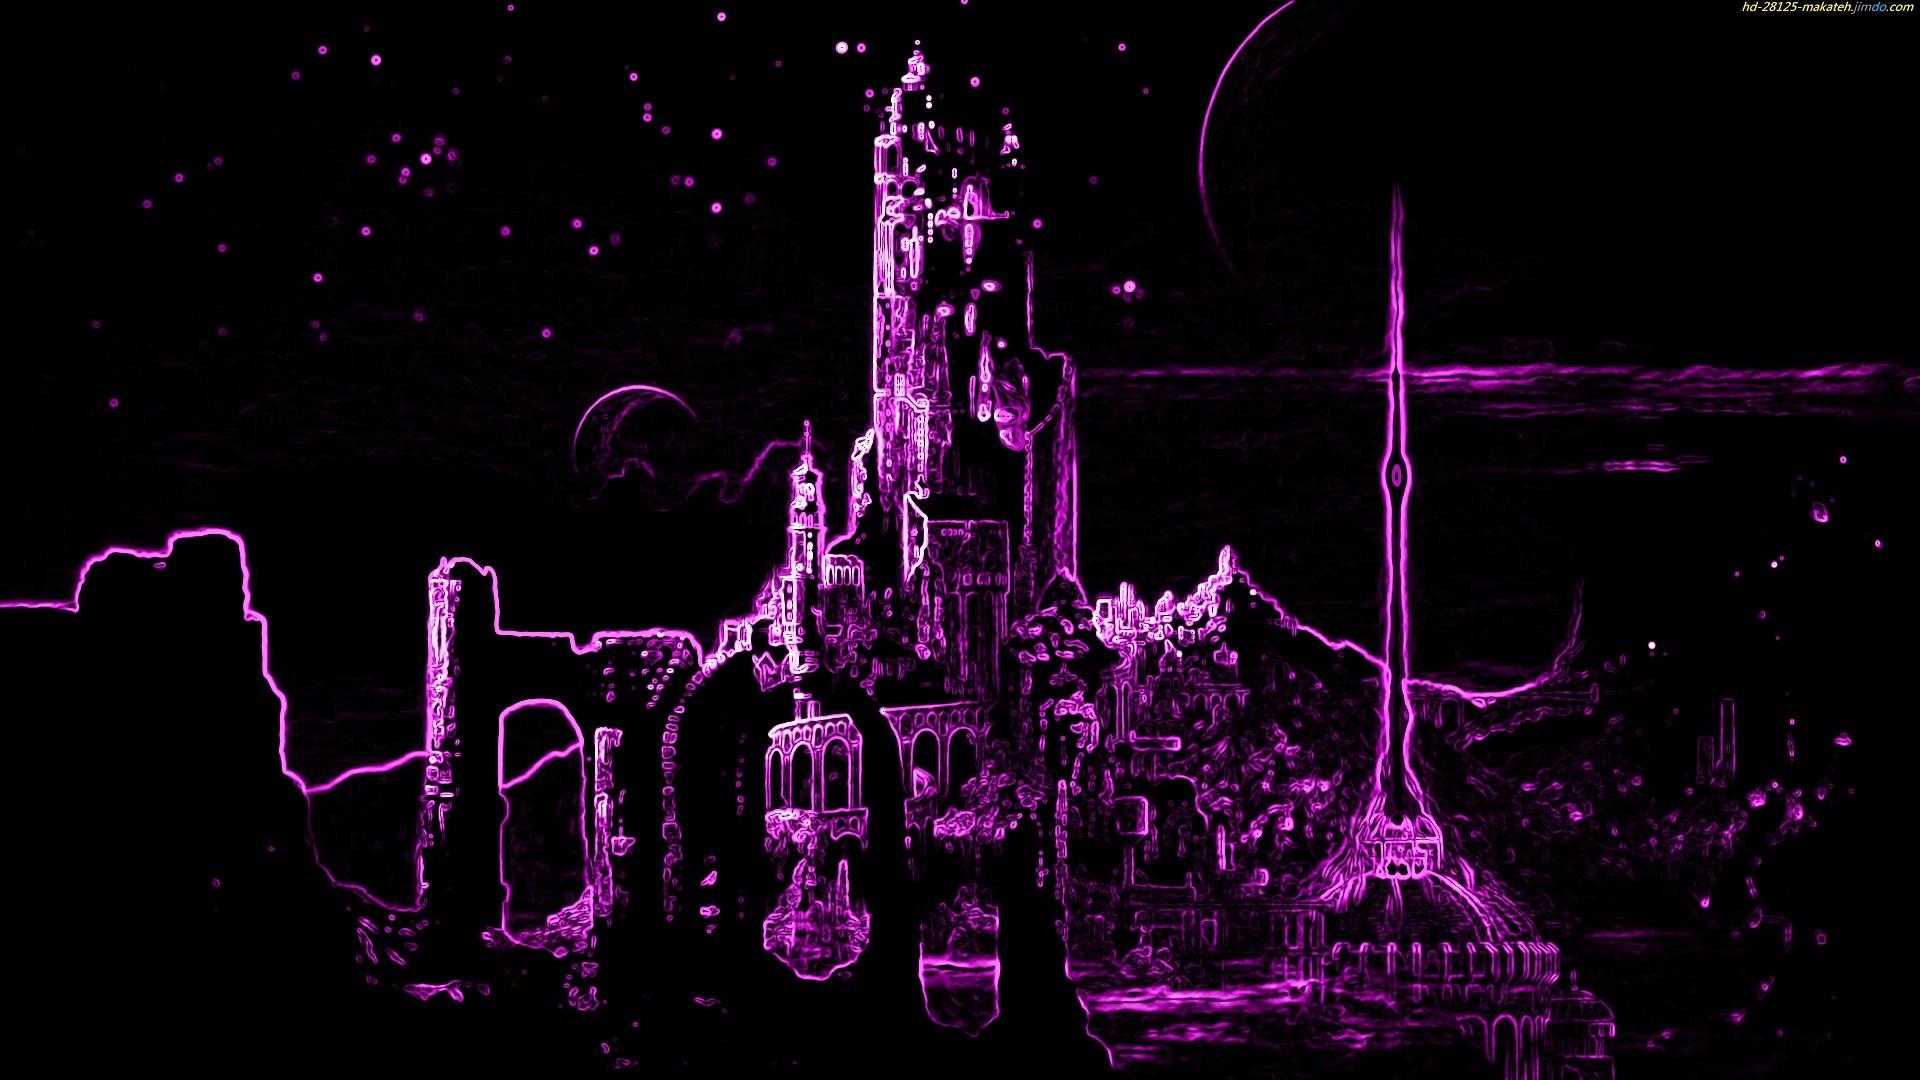 Neon-City Computer Wallpapers, Desktop Backgrounds | .